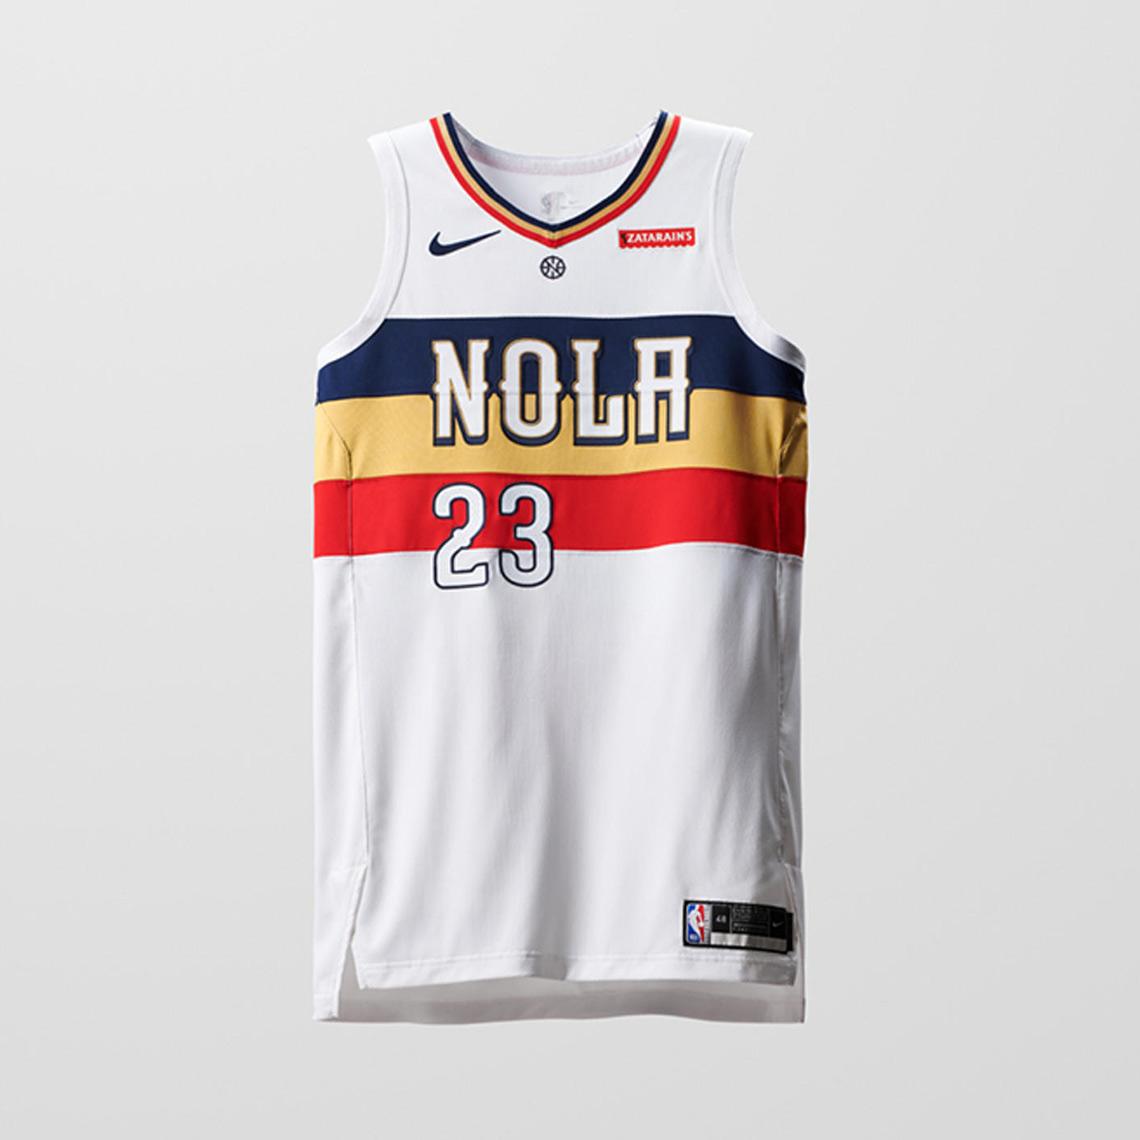 Nba Jersey Christmas Edition